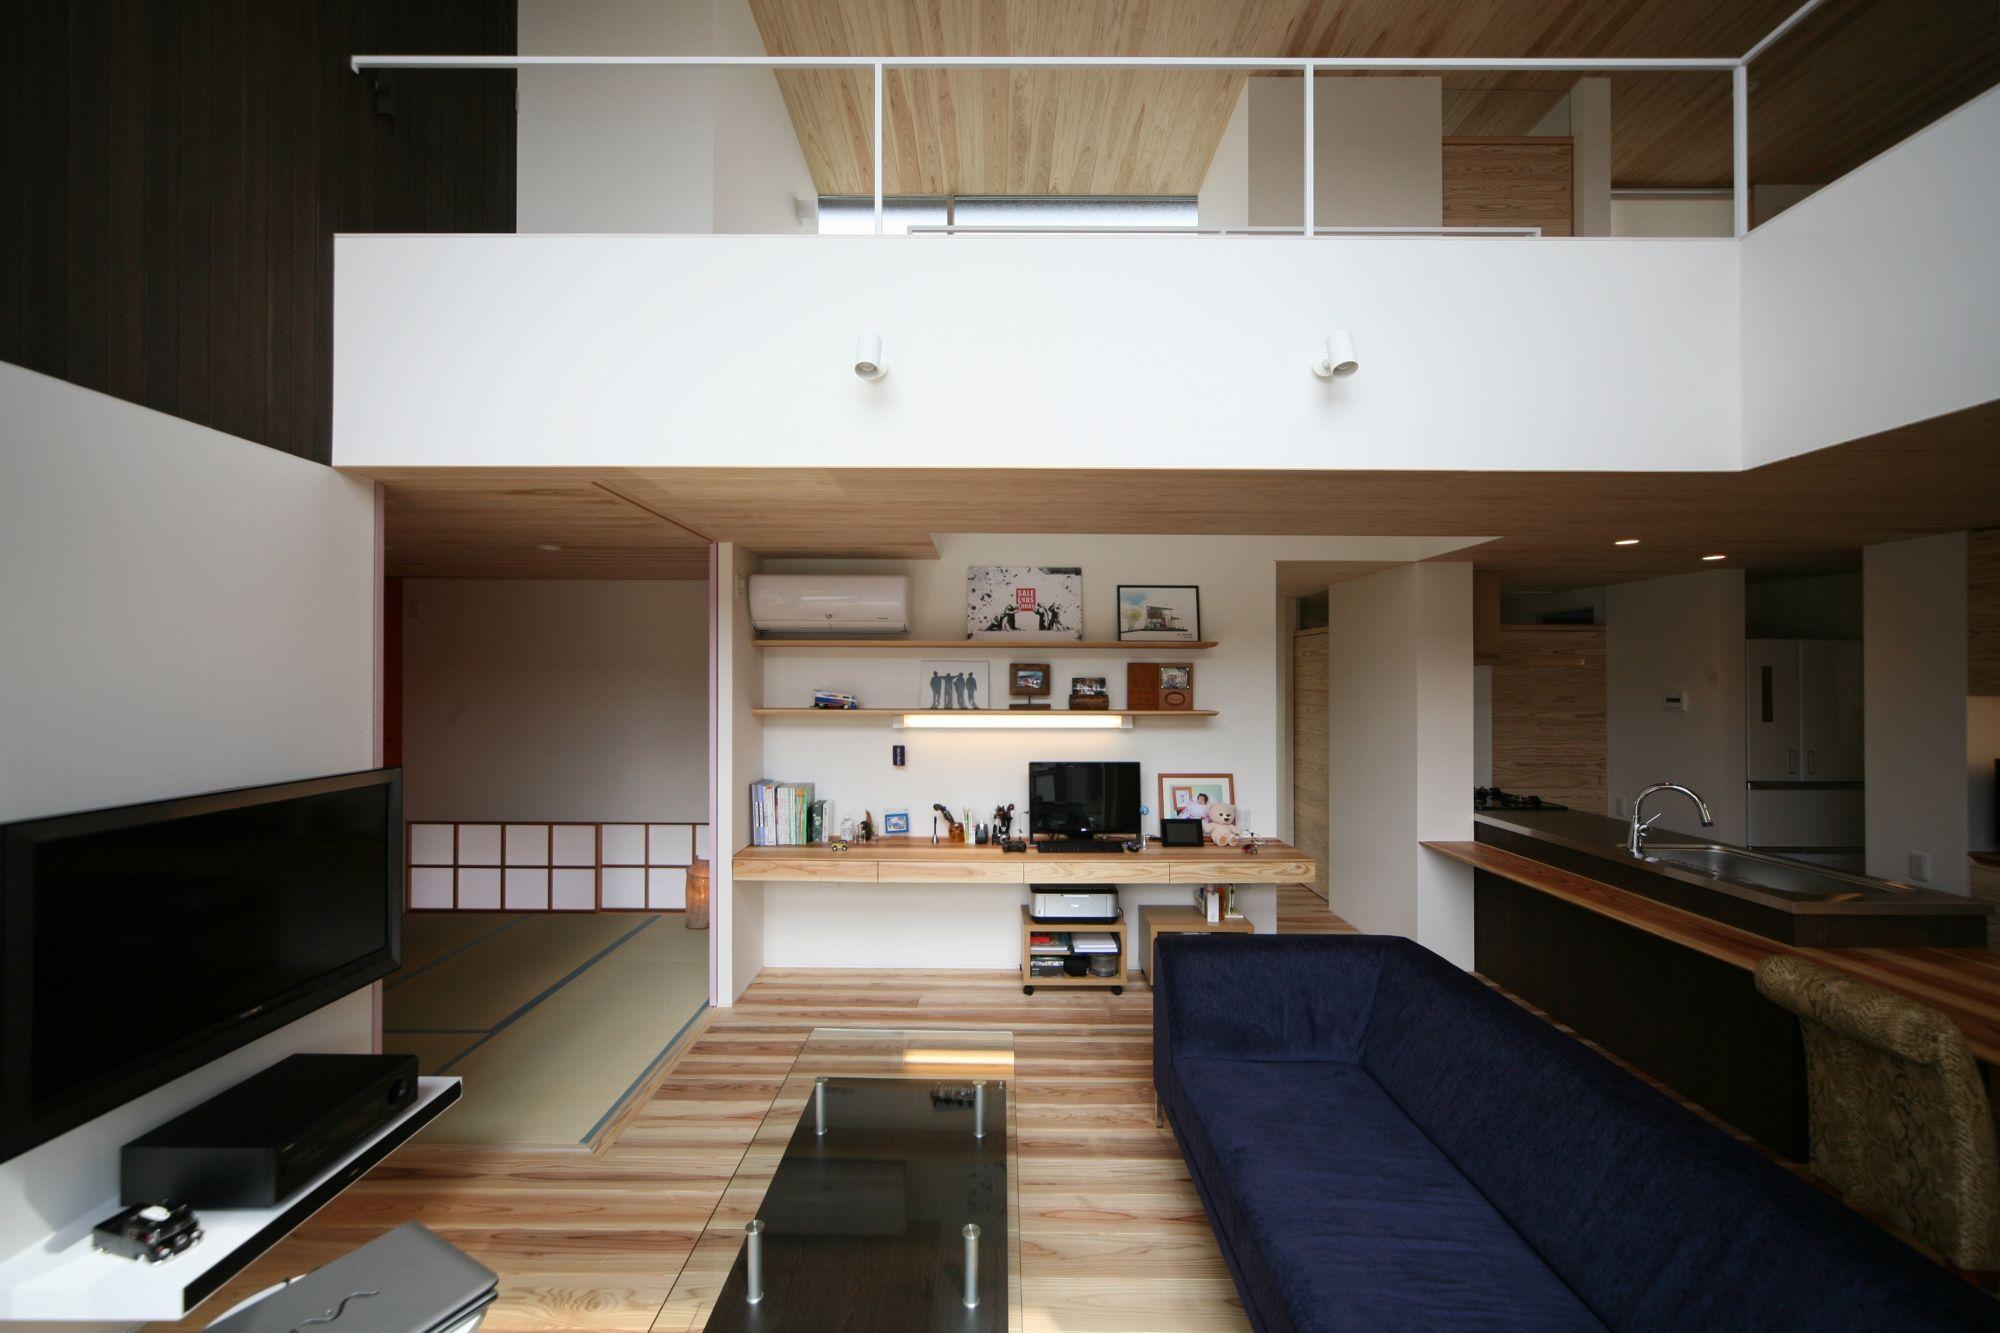 吹き抜けに見えるのは 寝室と子供室をつなぐ渡り廊下 1階と2階が